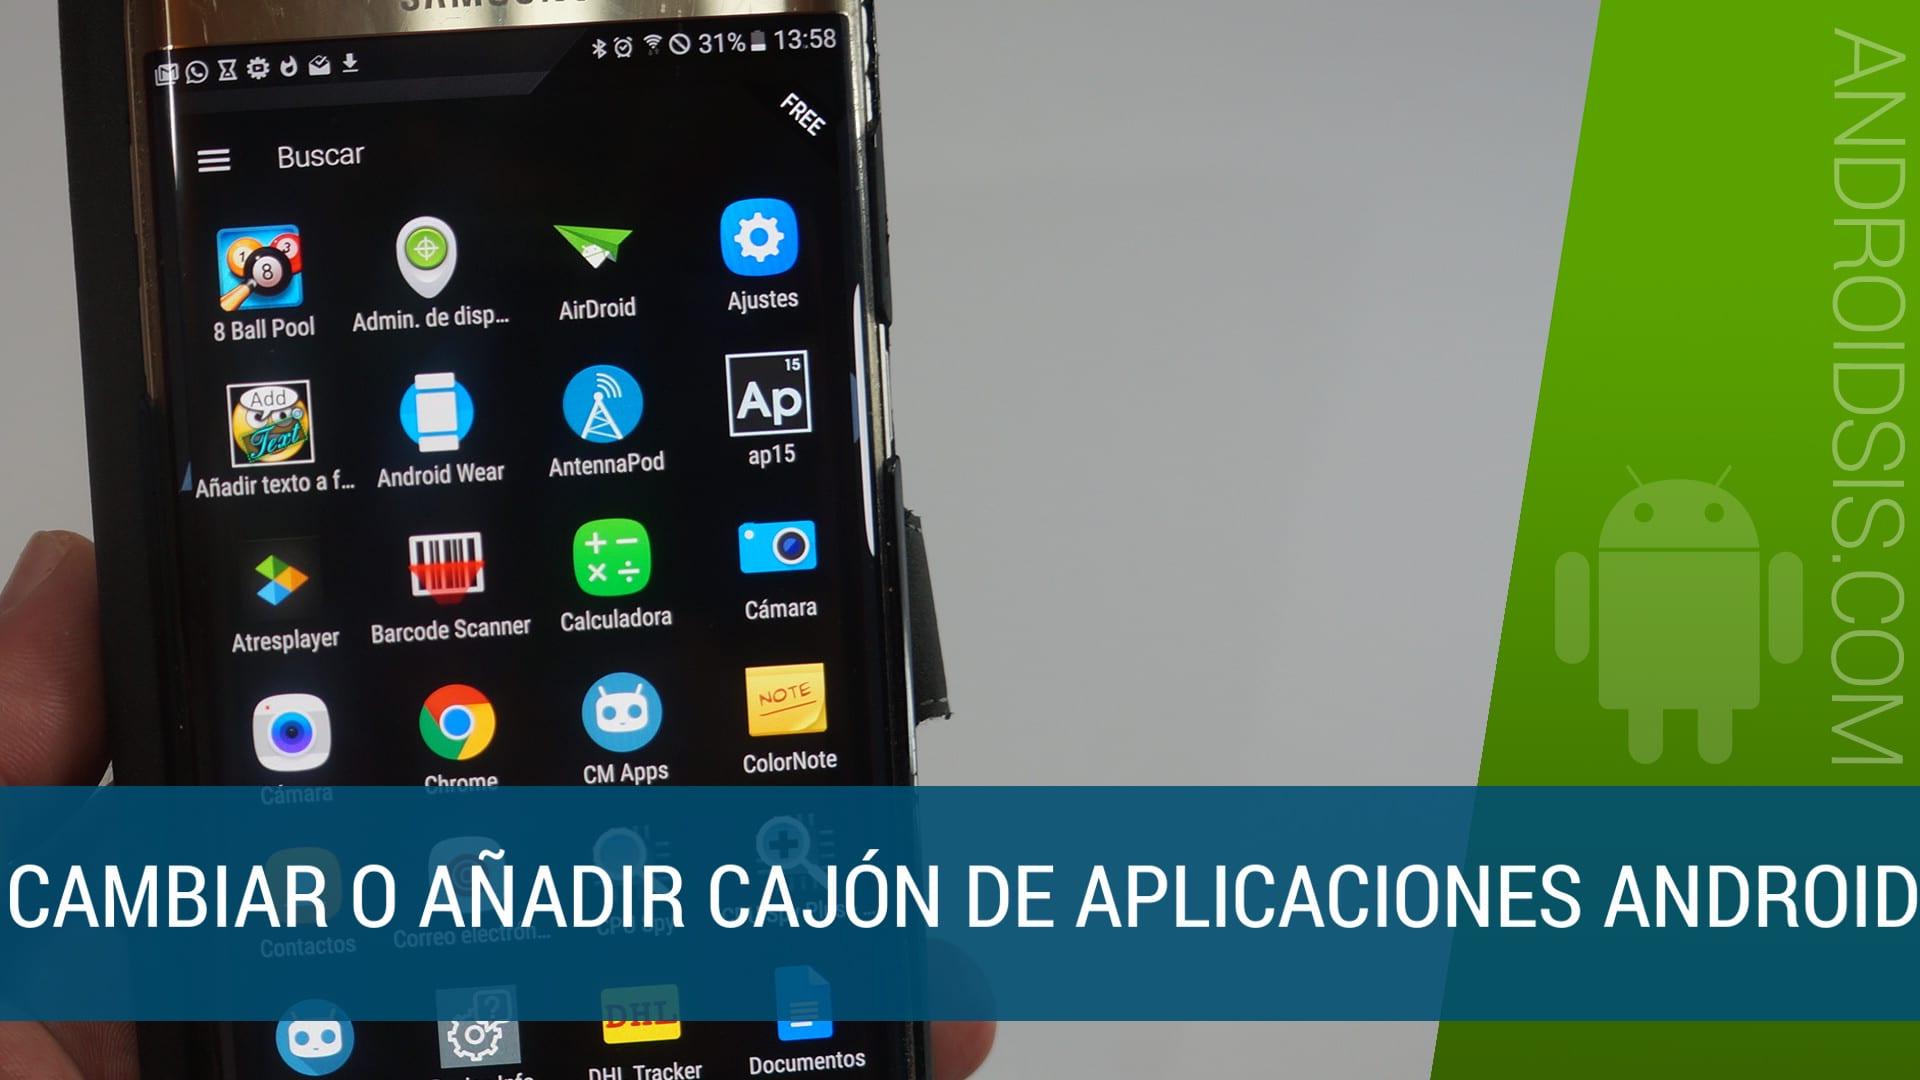 Kif iżżid il-kexxun tal-applikazzjoni mat-terminal Android tiegħek